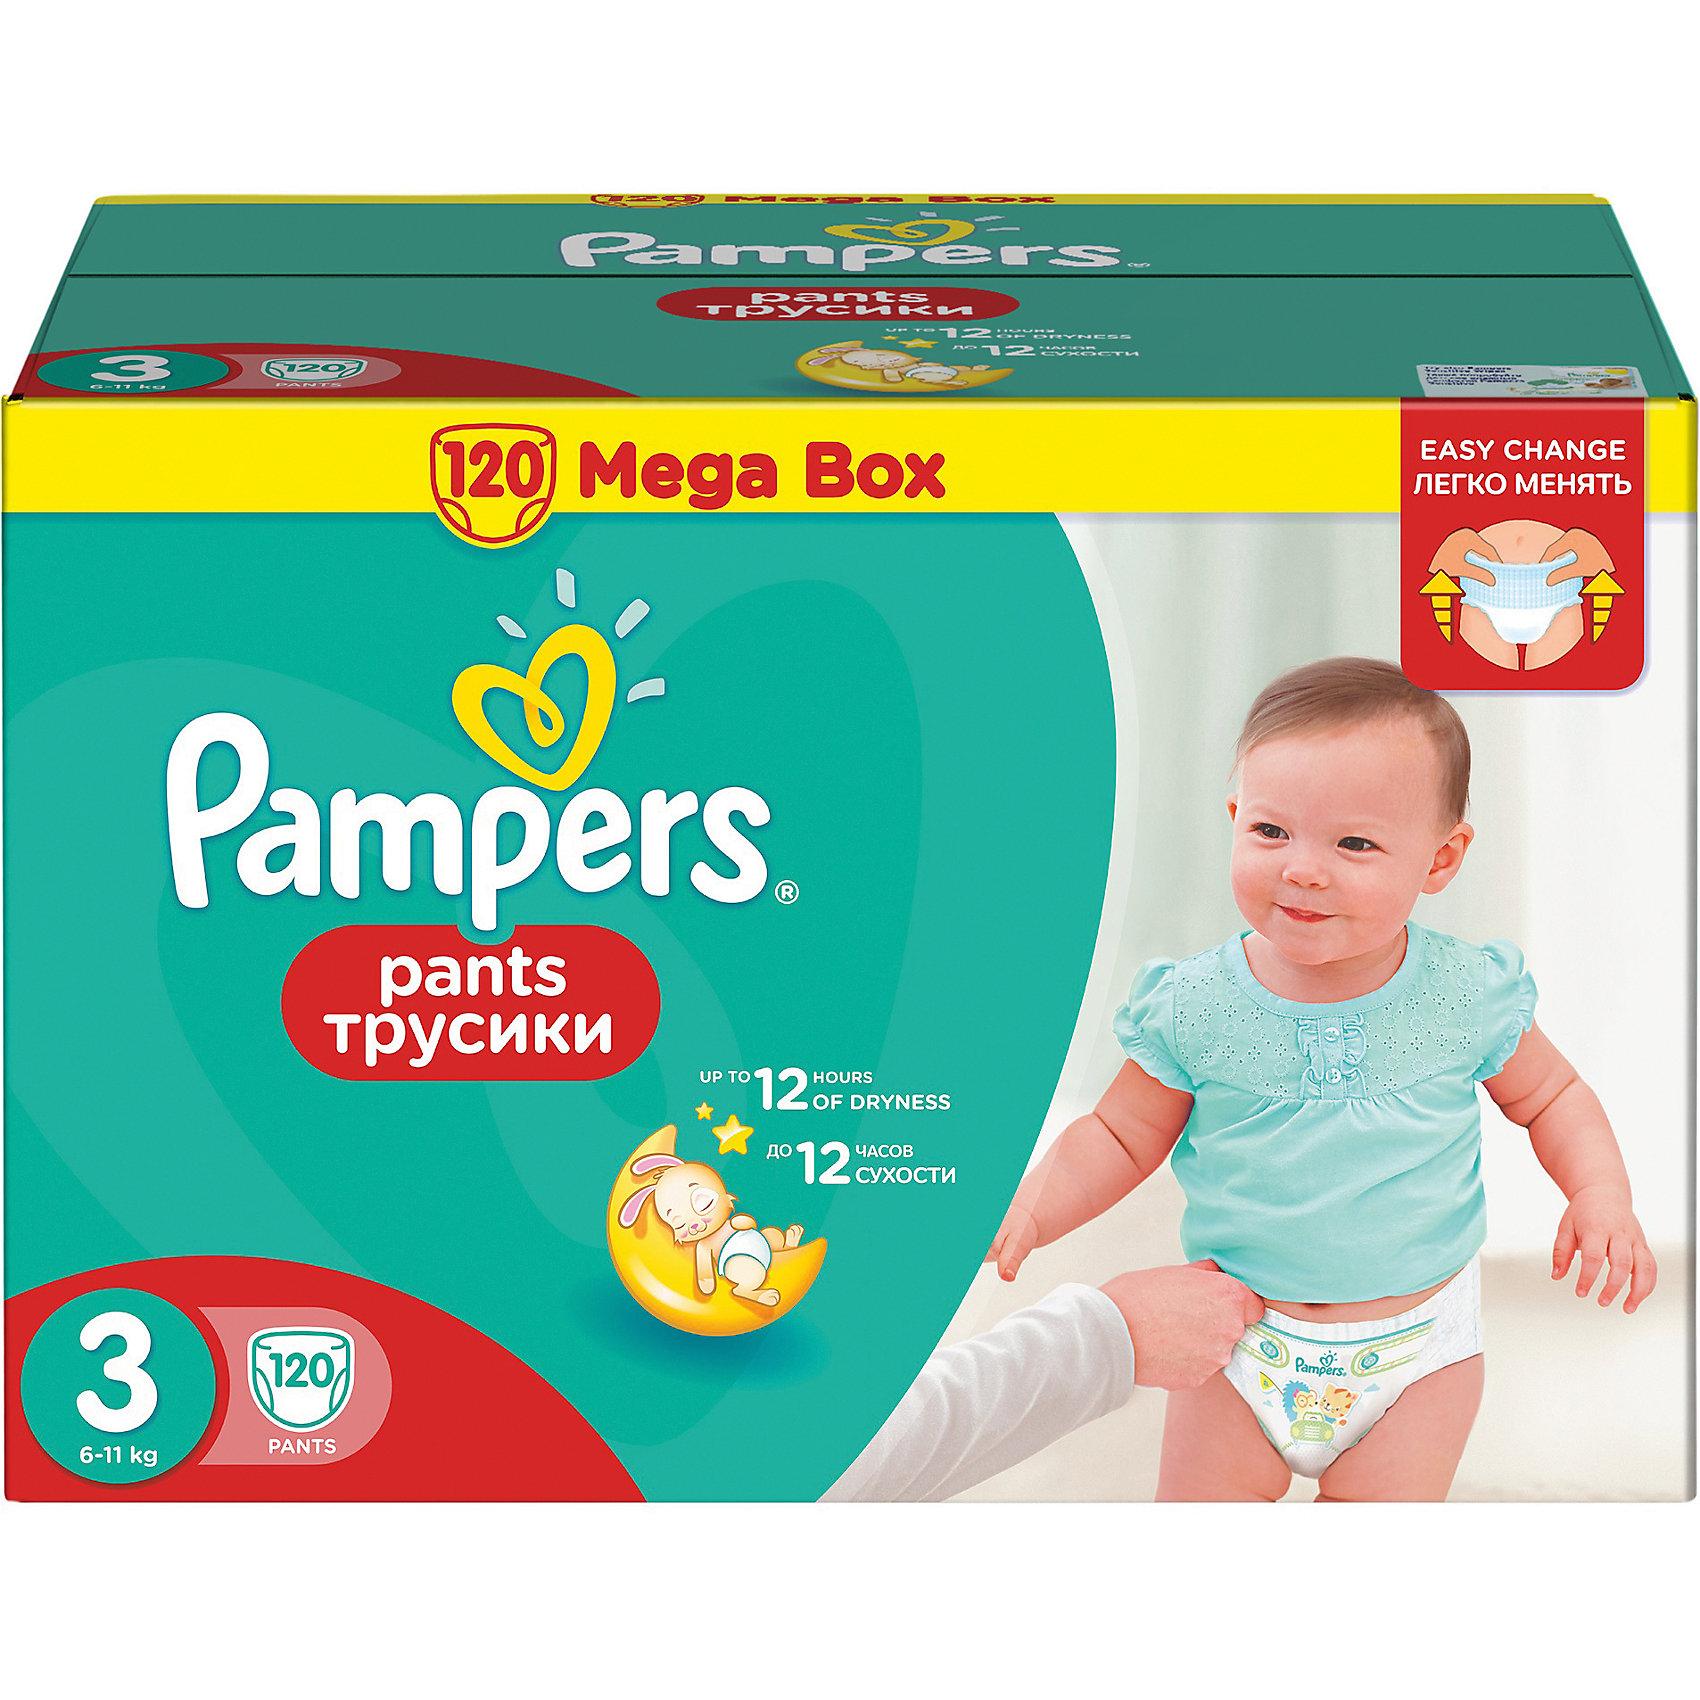 Трусики Pampers Pants, 6-11кг, размер 3, 120 шт., PampersПодгузники 5-12 кг.<br>Характеристики:<br><br>• Вид подгузника: трусики<br>• Пол: универсальный<br>• Тип подгузника: одноразовый<br>• Коллекция: Active Baby<br>• Предназначение: для ночного сна <br>• Размер: 3<br>• Вес ребенка: от 6 до 11 кг<br>• Количество в упаковке: 120 шт.<br>• Упаковка: картонная коробка<br>• Размер упаковки: 41*28,7*30,8 см<br>• Вес в упаковке: 3 кг 197 г<br>• Наружные боковые швы<br>• До 12 часов сухости<br>• Эластичные резинки <br>• Дышащие материалы<br>• Повышенные впитывающие свойства<br><br>Трусики Pampers Pants, 6-11 кг, размер 3, 120 шт., Pampers – это новейшая линейка детских подгузников от Pampers, которая сочетает в себе высокое качество и безопасность материалов, удобство использования и комфорт для нежной кожи малыша. Подгузники выполнены в виде трусиков и предназначены для детей весом до 11 кг. Инновационные технологии и современные материалы обеспечивают этим подгузникам Дышащие свойства, что особенно важно для кожи малыша. Повышенные впитывающие качества изделию обеспечивают специальные микрогранулы, сохраняя верхний слой сухим до 12 часов, именно поэтому эту линейку трусиков производитель рекомендует использовать для ночного сна. <br><br>У трусиков предусмотрена эластичная мягкая резиночка на спинке и манжеты на ножках, что защищает от протекания. Боковые наружные швы не натирают нежную кожу малыша, легко разрываются при смене трусиков. Сзади имеется клейкая лента, которая позволяет зафиксировать свернутые после использования трусики. Трусики подходит как для мальчиков, так и для девочек. <br><br>Трусики Pampers Pants, 6-11 кг, размер 3, 120 шт., Pampers можно купить в нашем интернет-магазине.<br><br>Ширина мм: 410<br>Глубина мм: 287<br>Высота мм: 308<br>Вес г: 3197<br>Возраст от месяцев: 3<br>Возраст до месяцев: 12<br>Пол: Унисекс<br>Возраст: Детский<br>SKU: 5419050